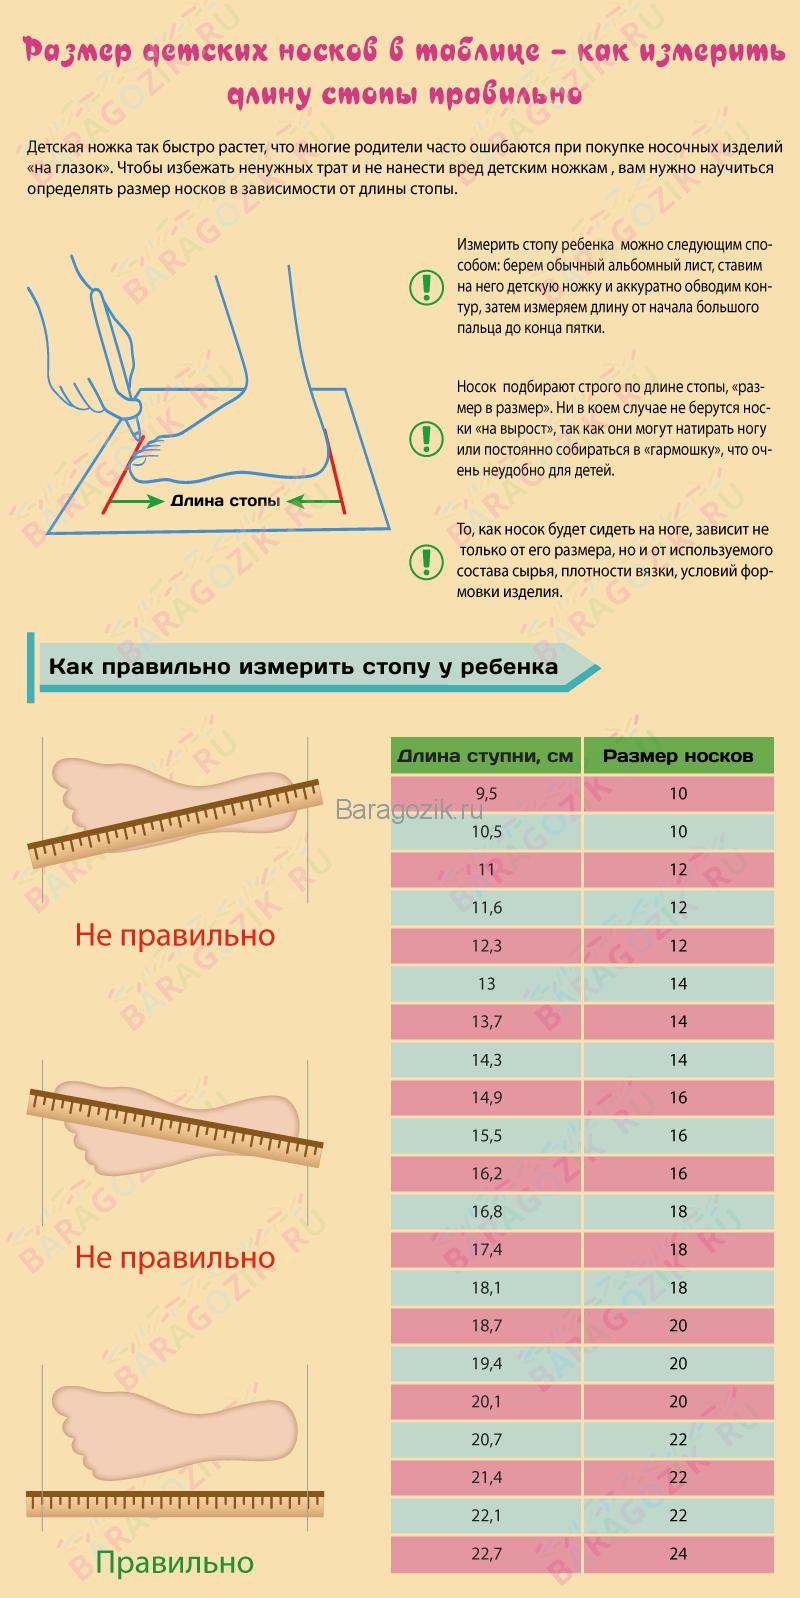 Размер детских носков в таблице – как измерить длину стопы правильно